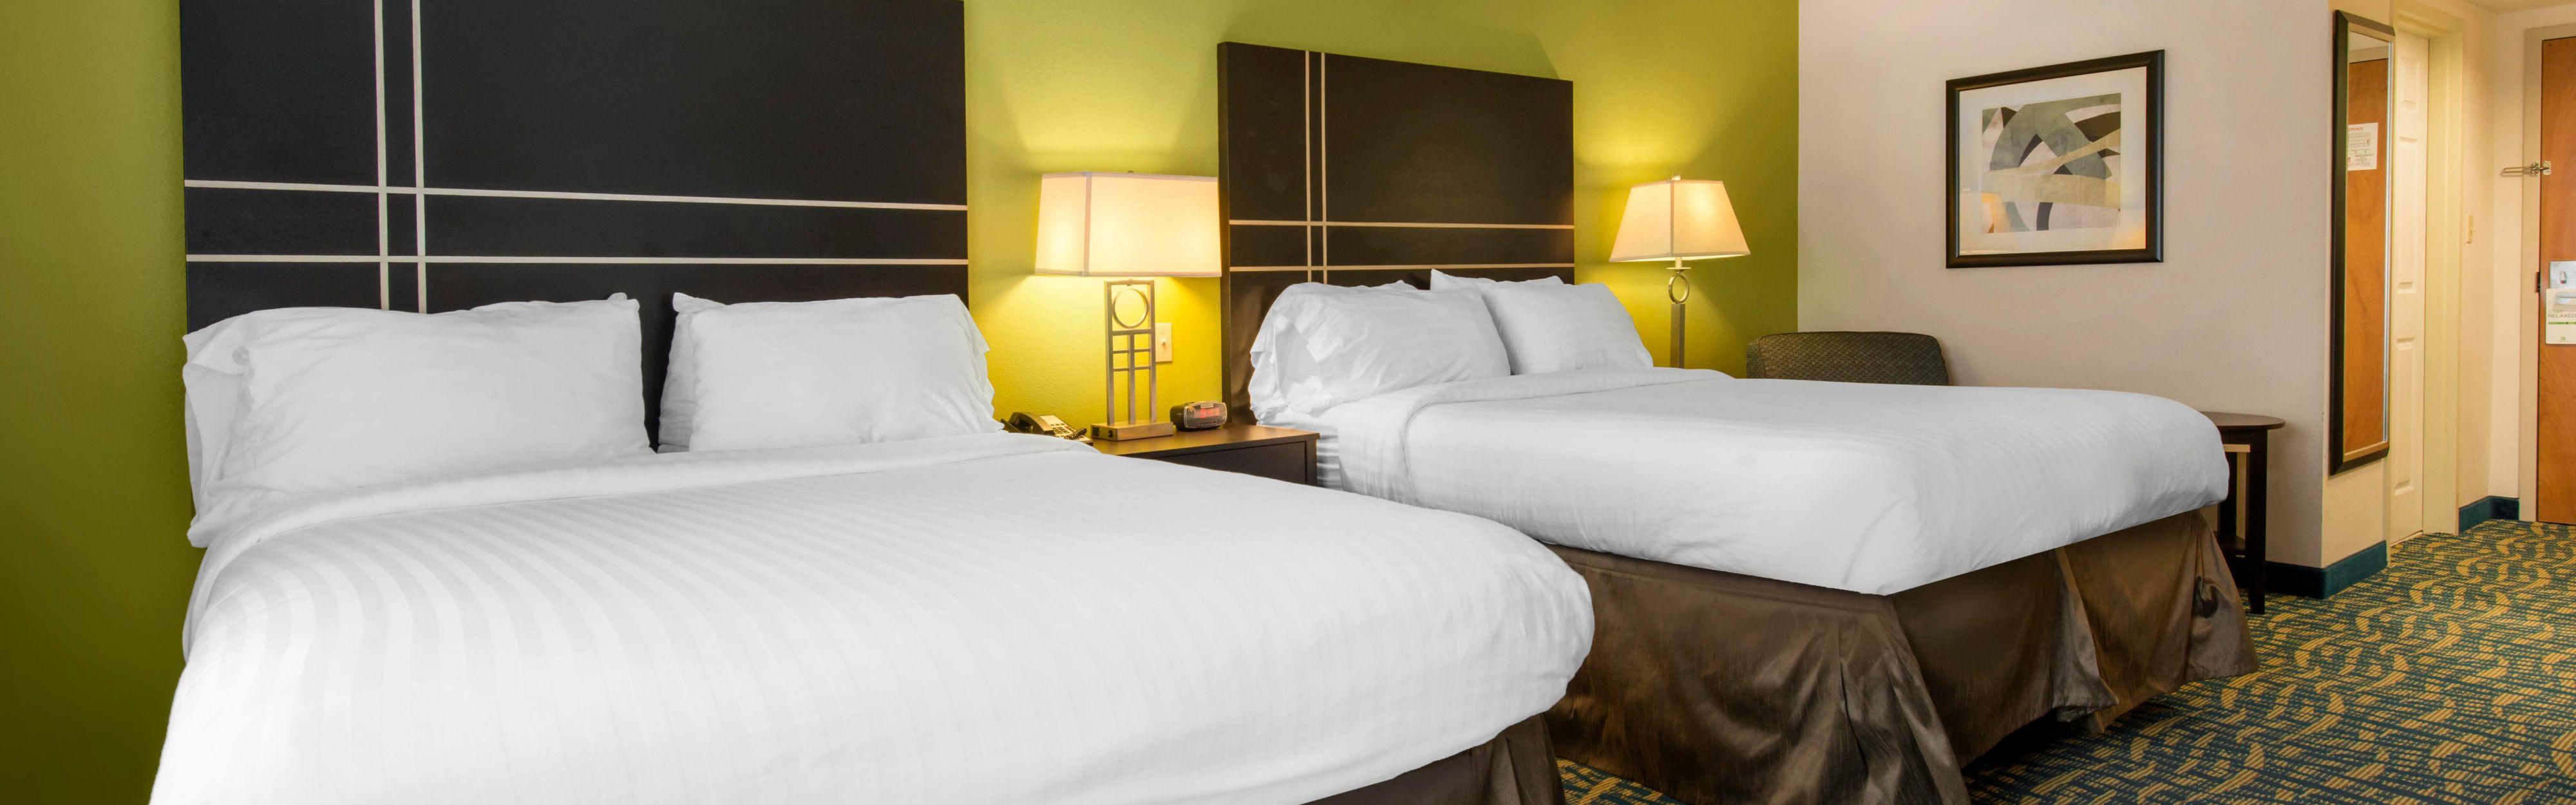 Holiday Inn Savannah S - I-95 Gateway image 1